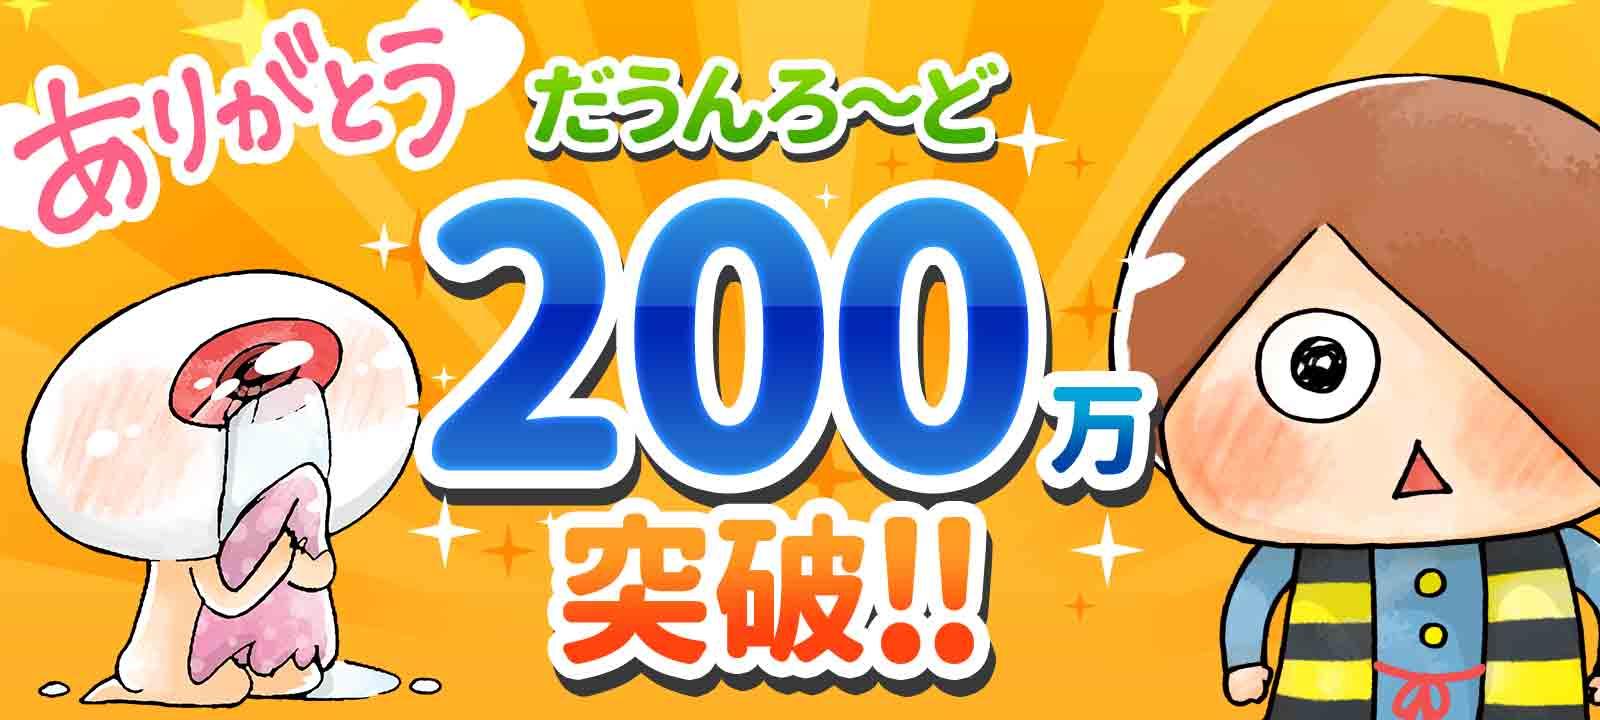 『ゆるゲゲ』200万DLを記念したキャンペーンを開催&新コンテンツを実装!